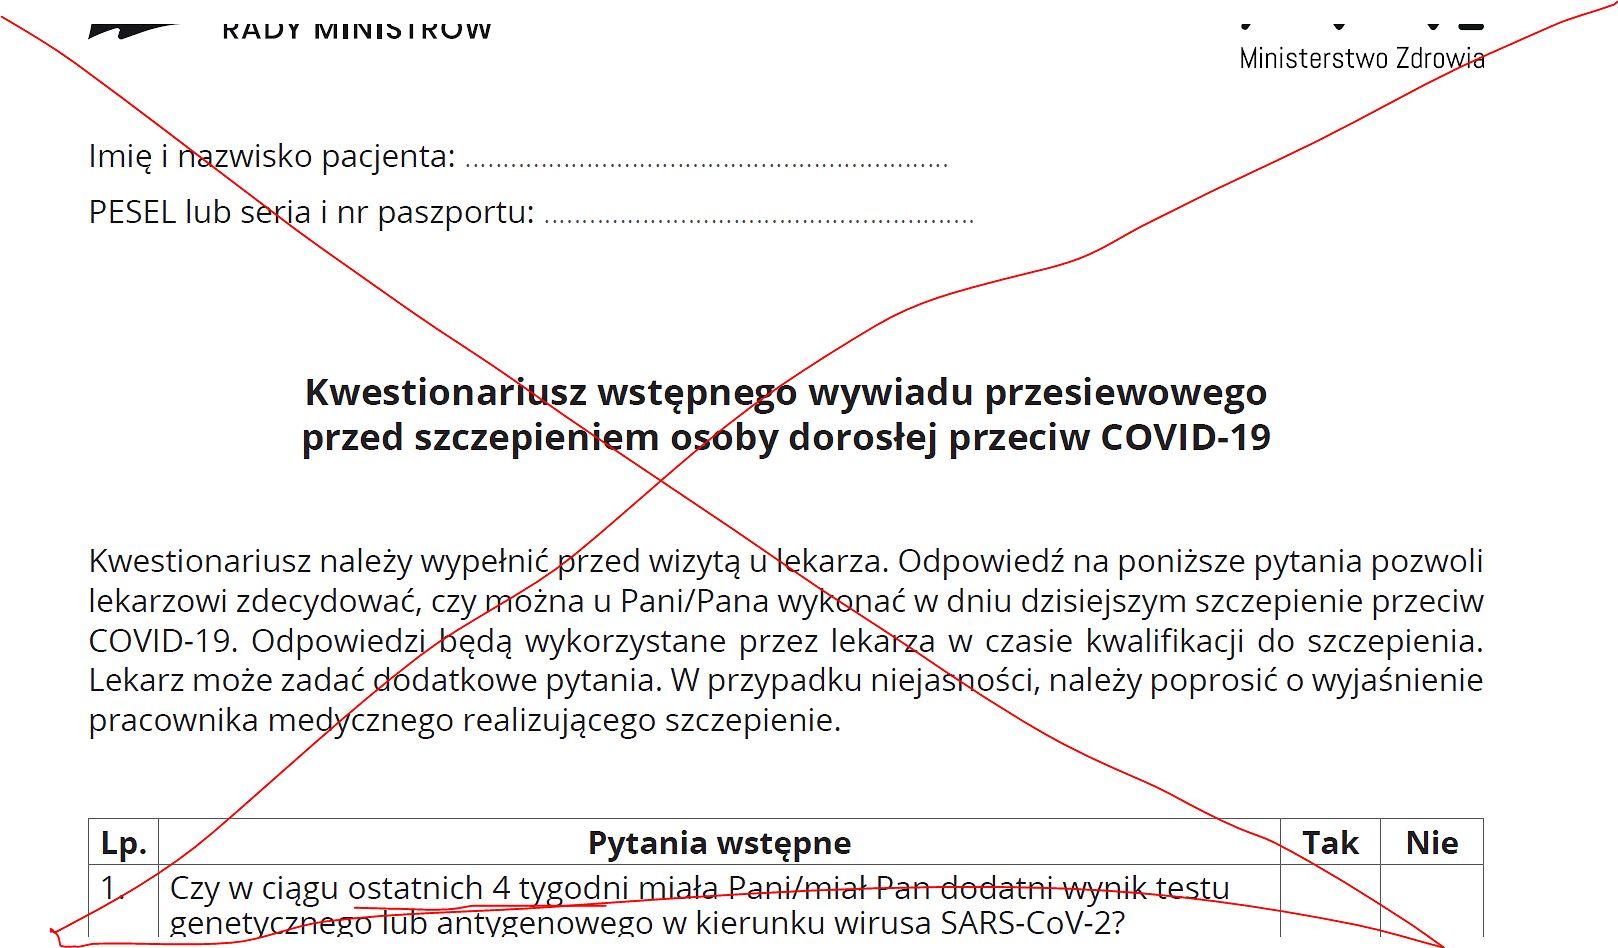 Gruczoł krokowy, Bakteria i ranki na przeswitfilm.placja - Rozmowy - przeswitfilm.pl